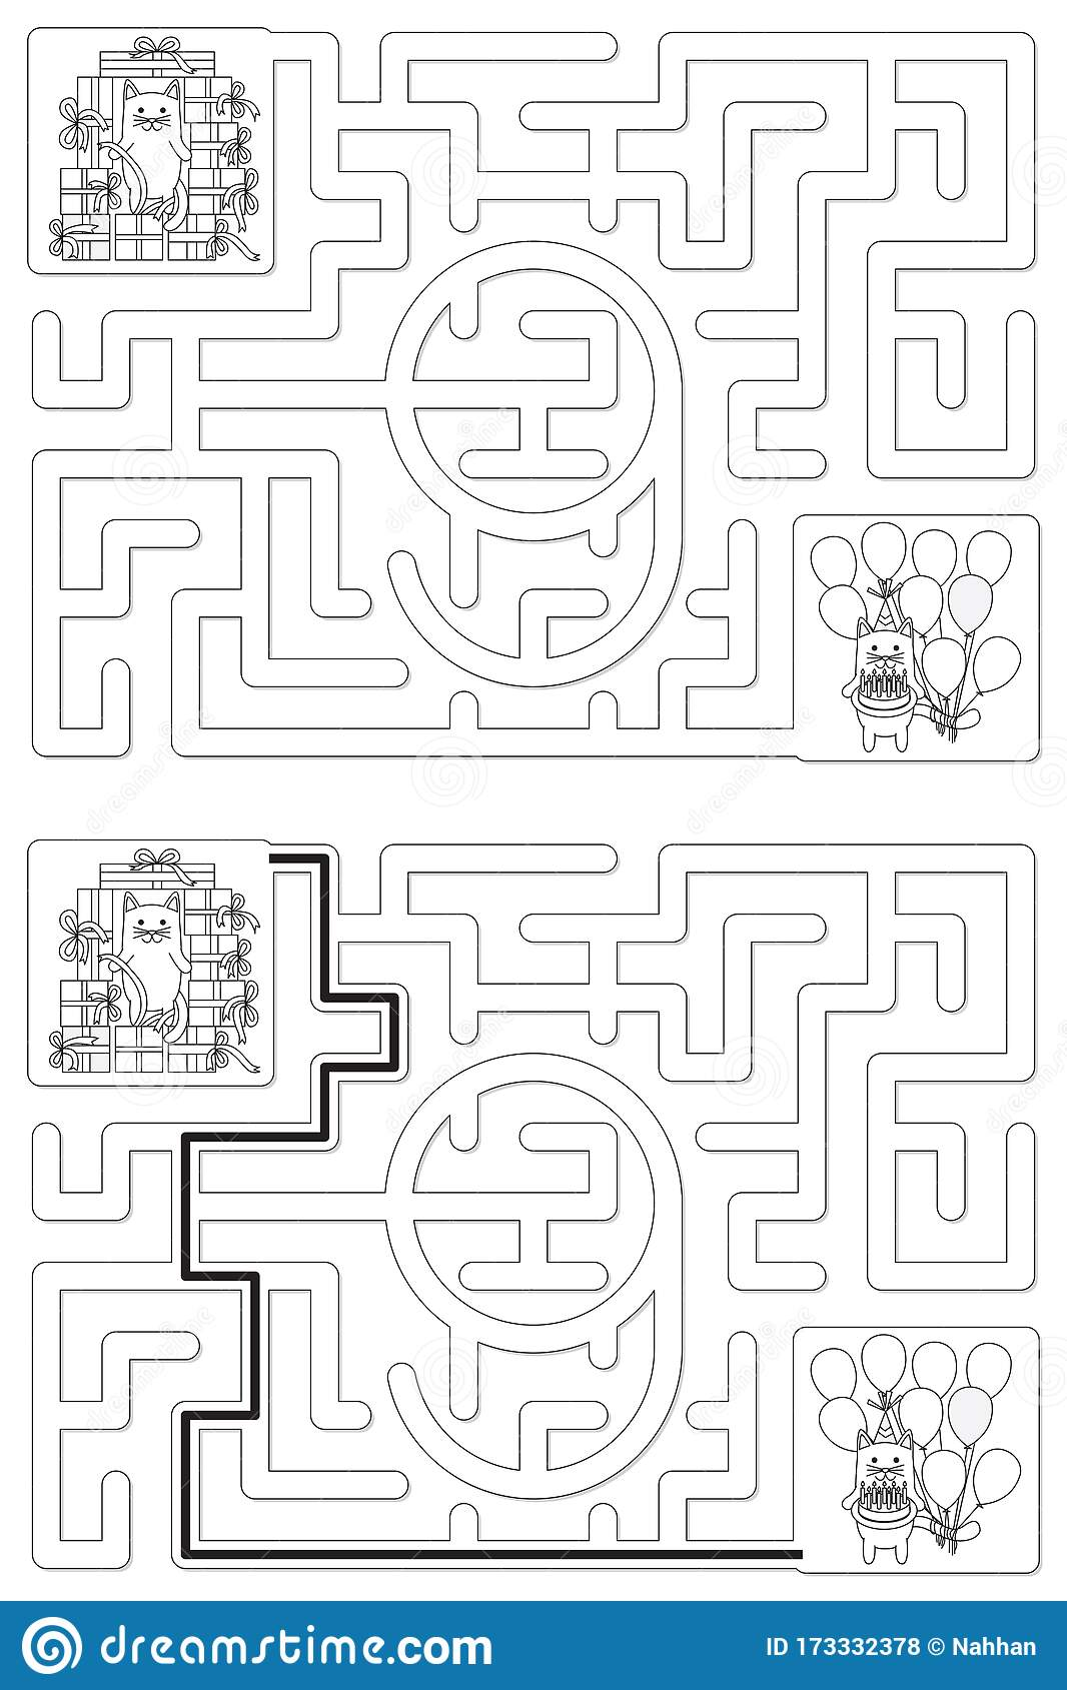 Easy Cat Maze